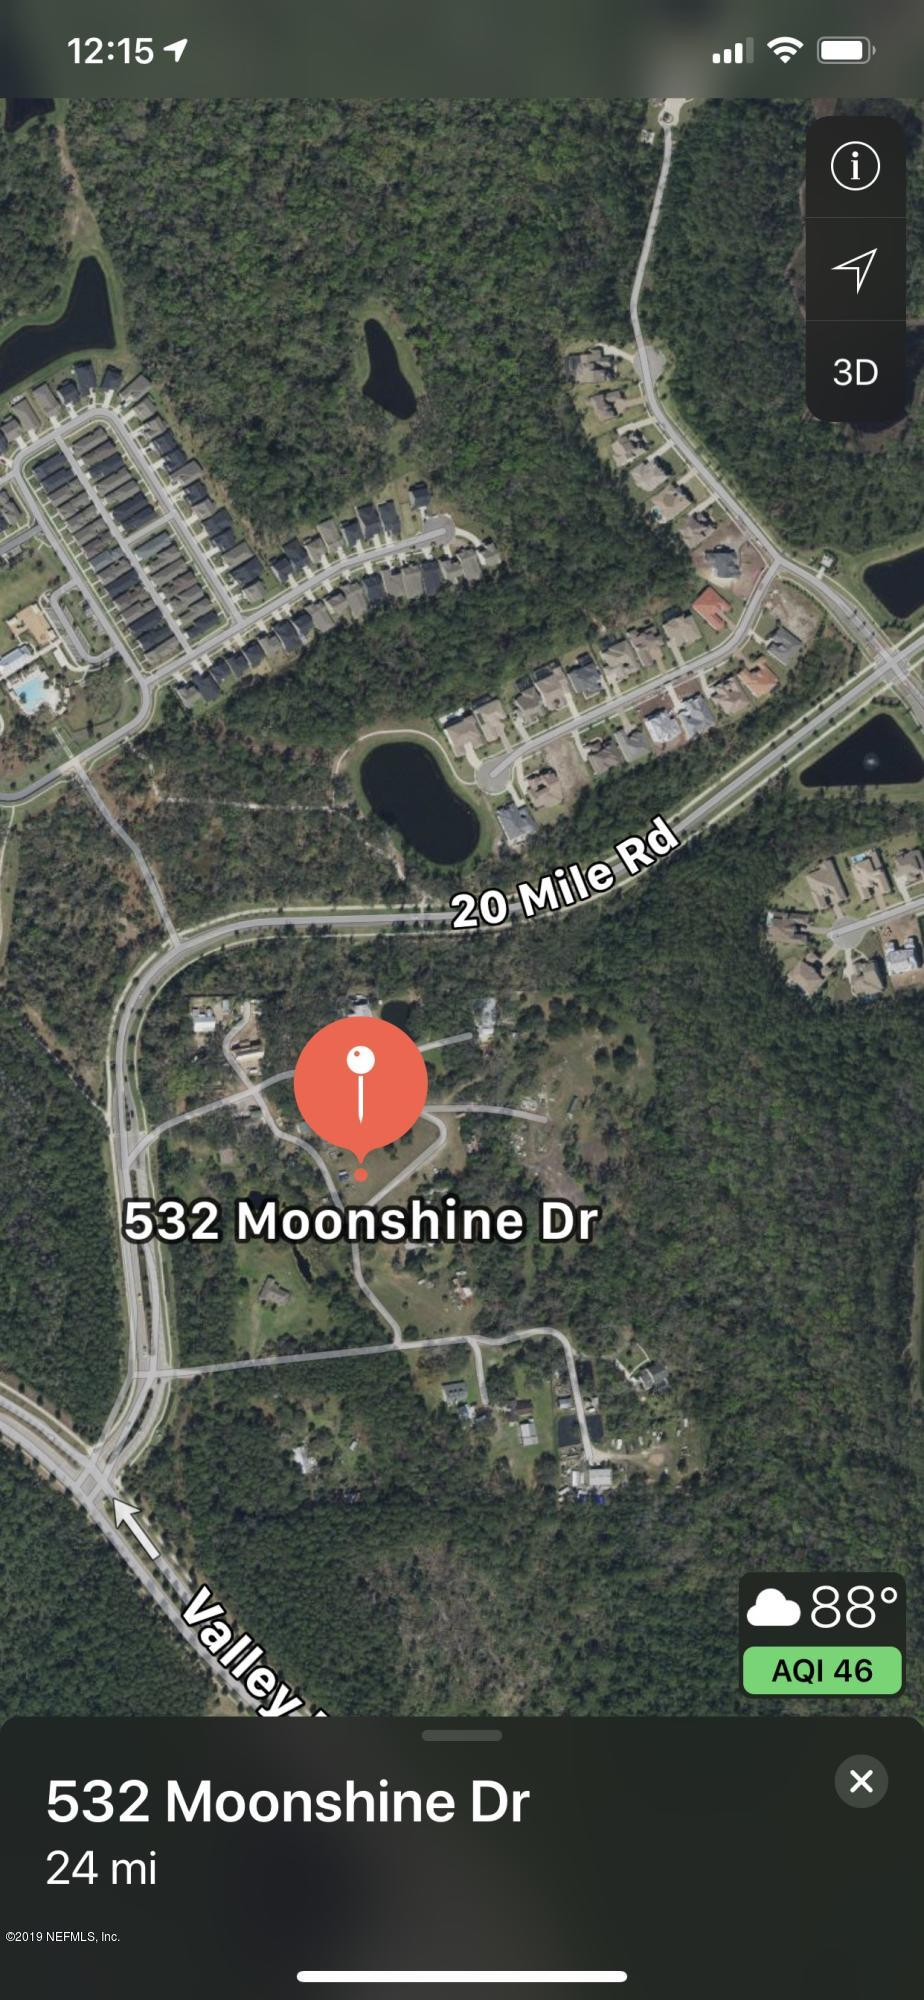 532 Moonshine Dr